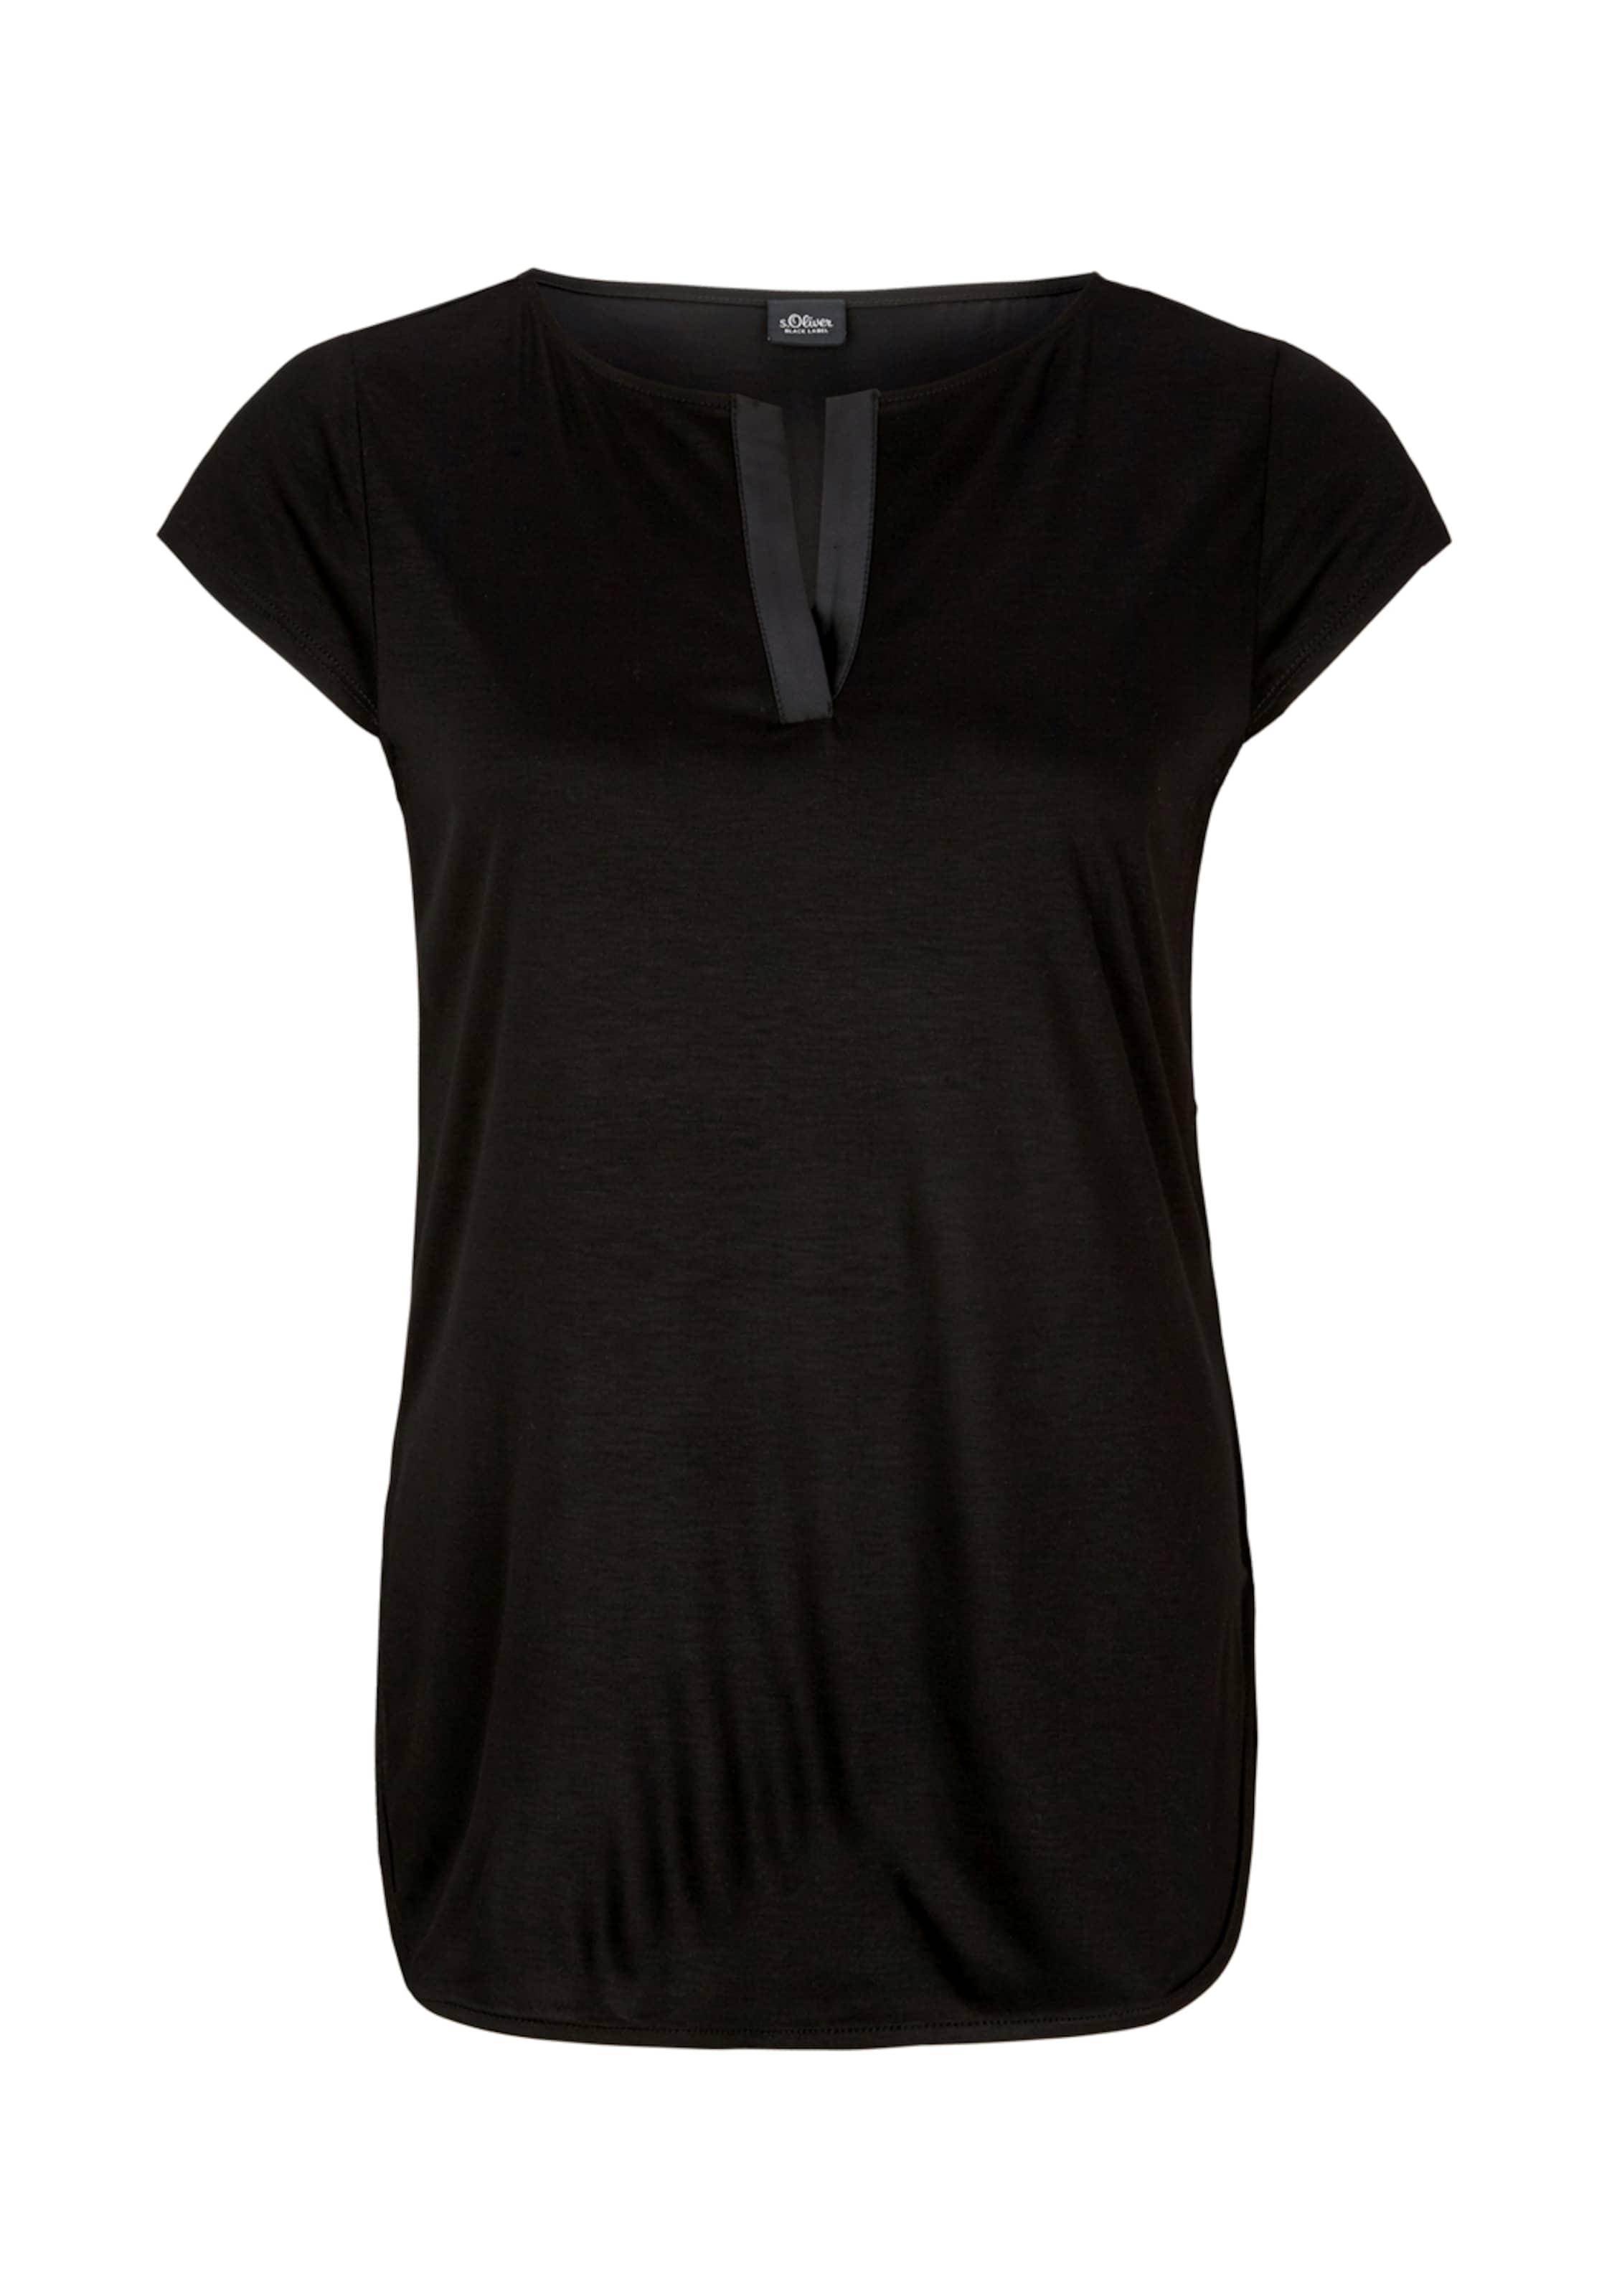 Longshirt oliver S Schwarz Black In Label jRqL5A34